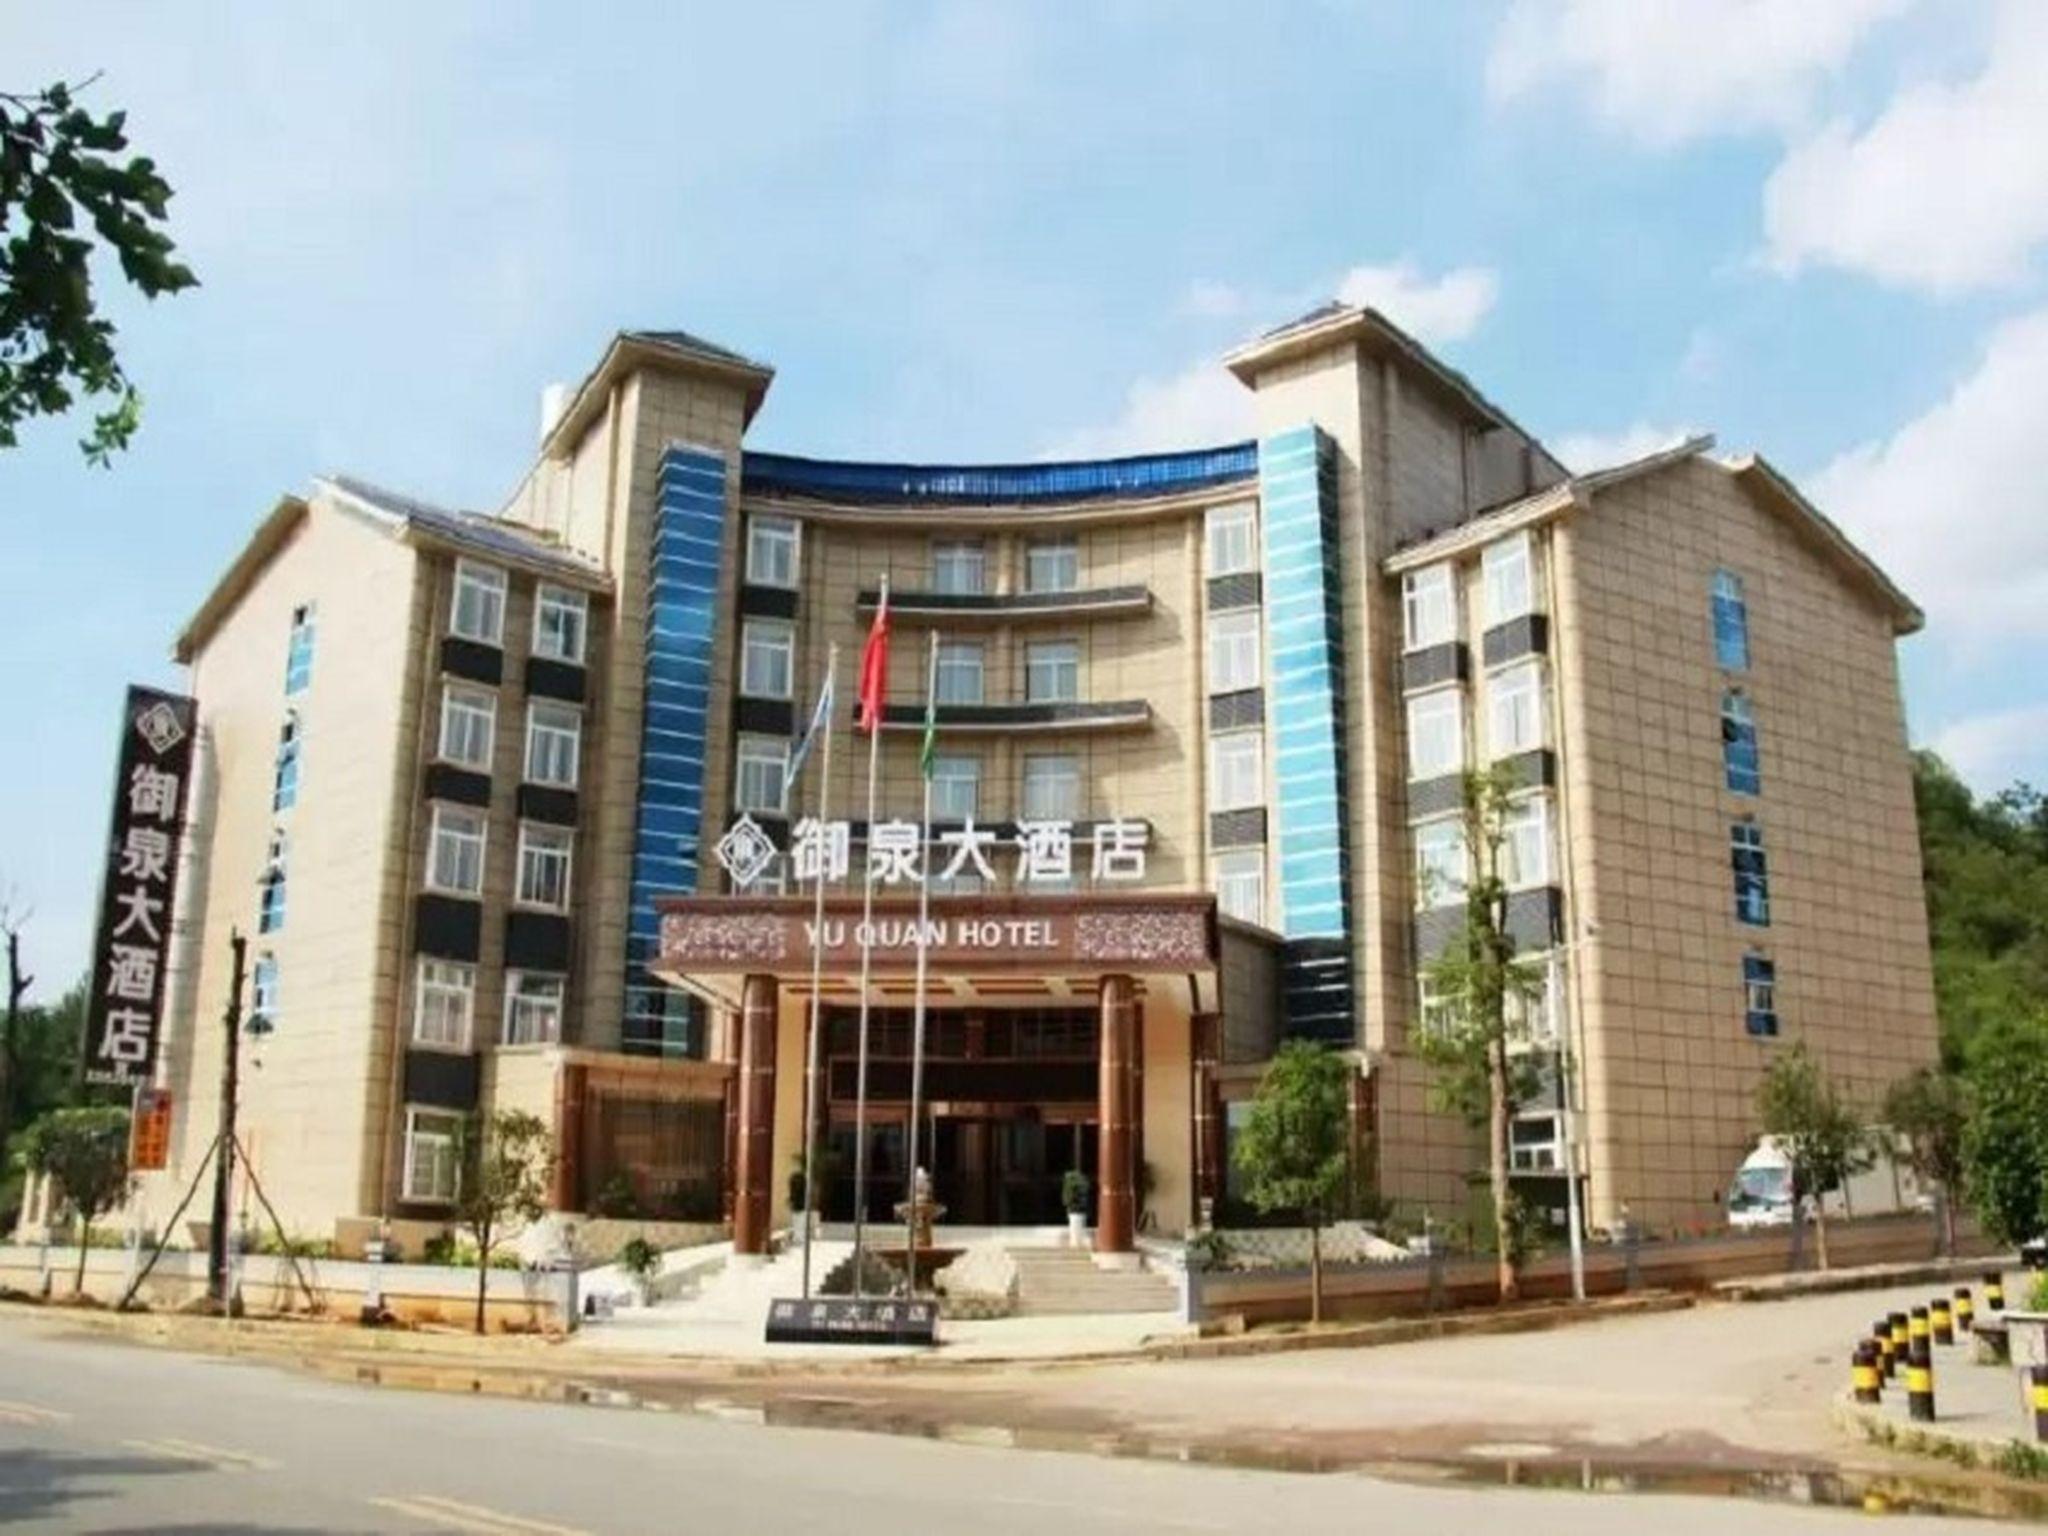 Huangguoshu Yuquan Hotel